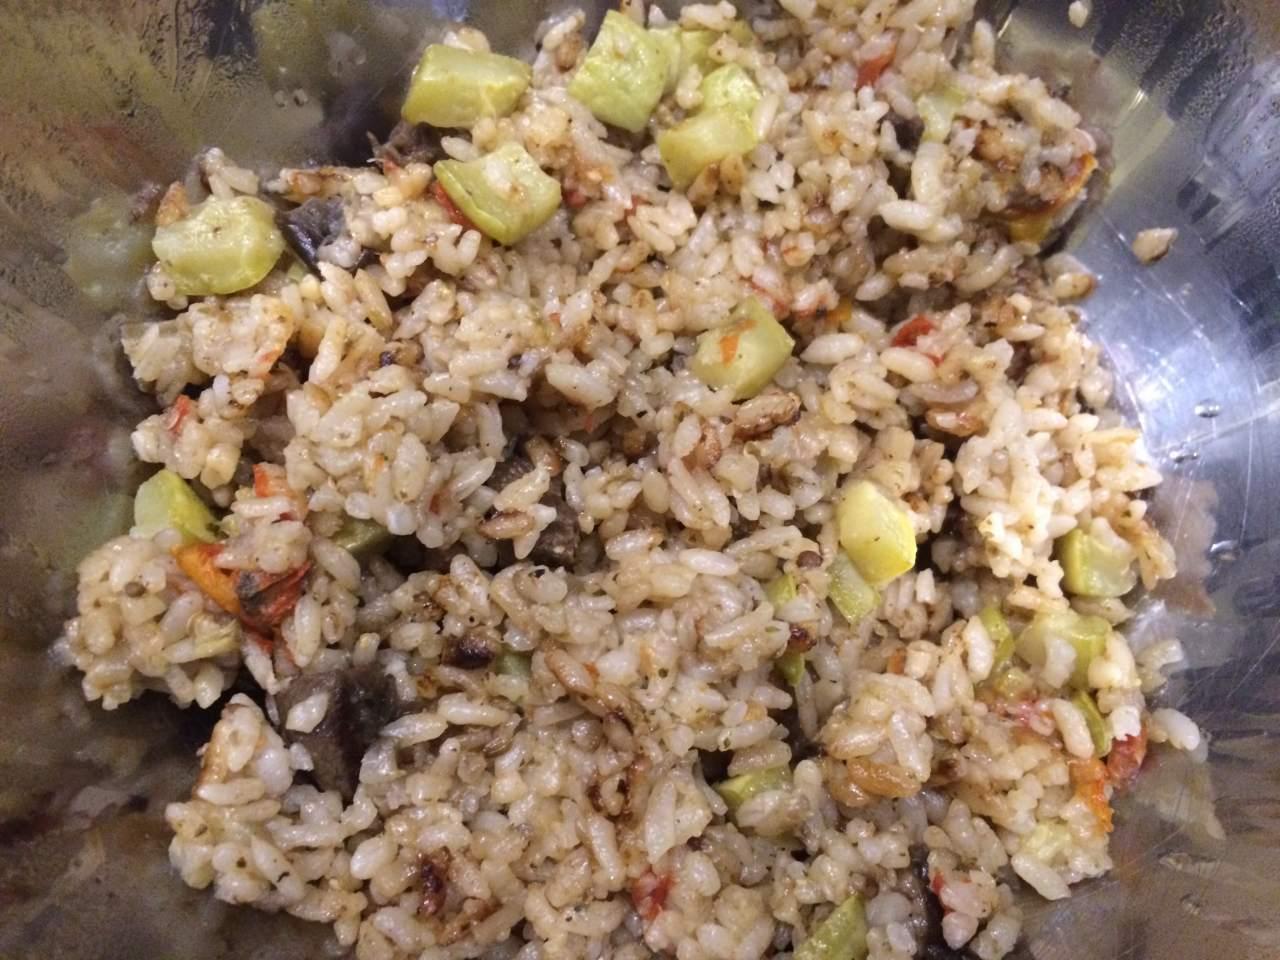 Рис с яйцом по-китайски в мультиварке рецепт пошагово